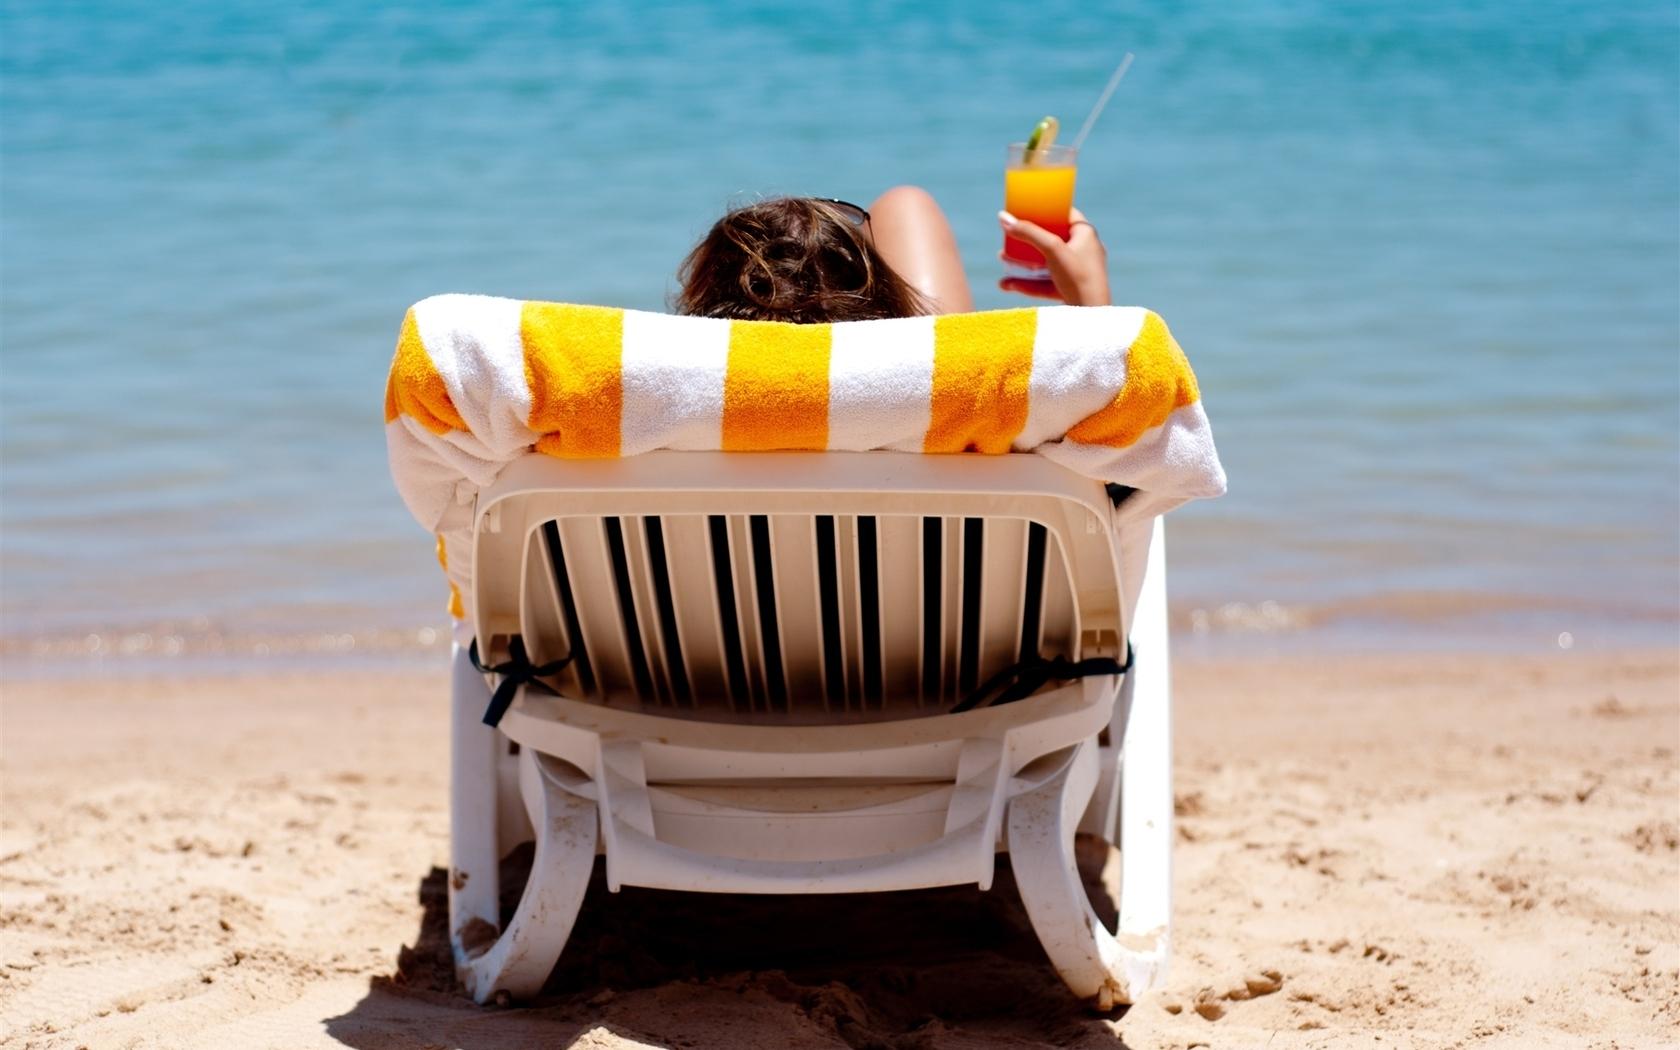 На пляже на шезлонге девушка фото